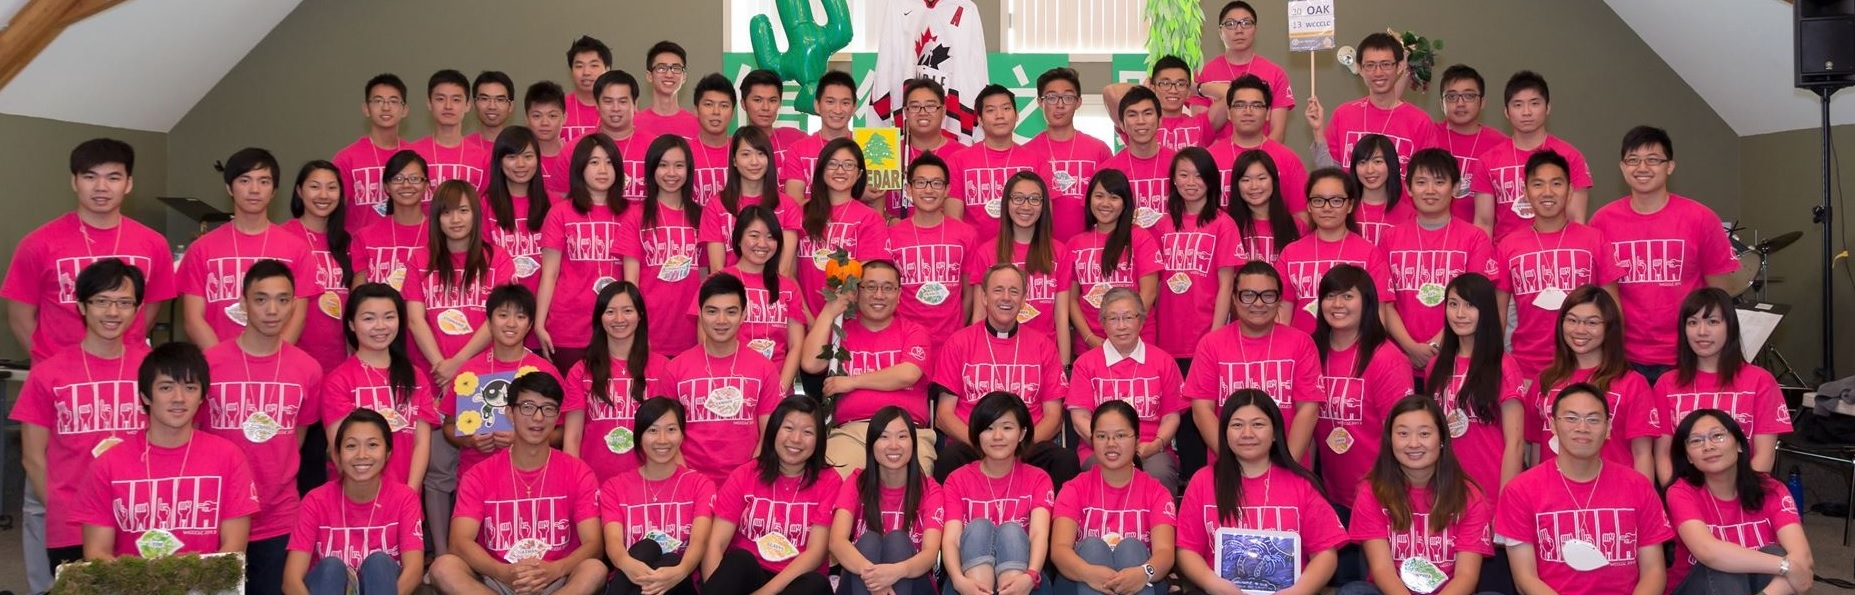 WCCCLC 2013